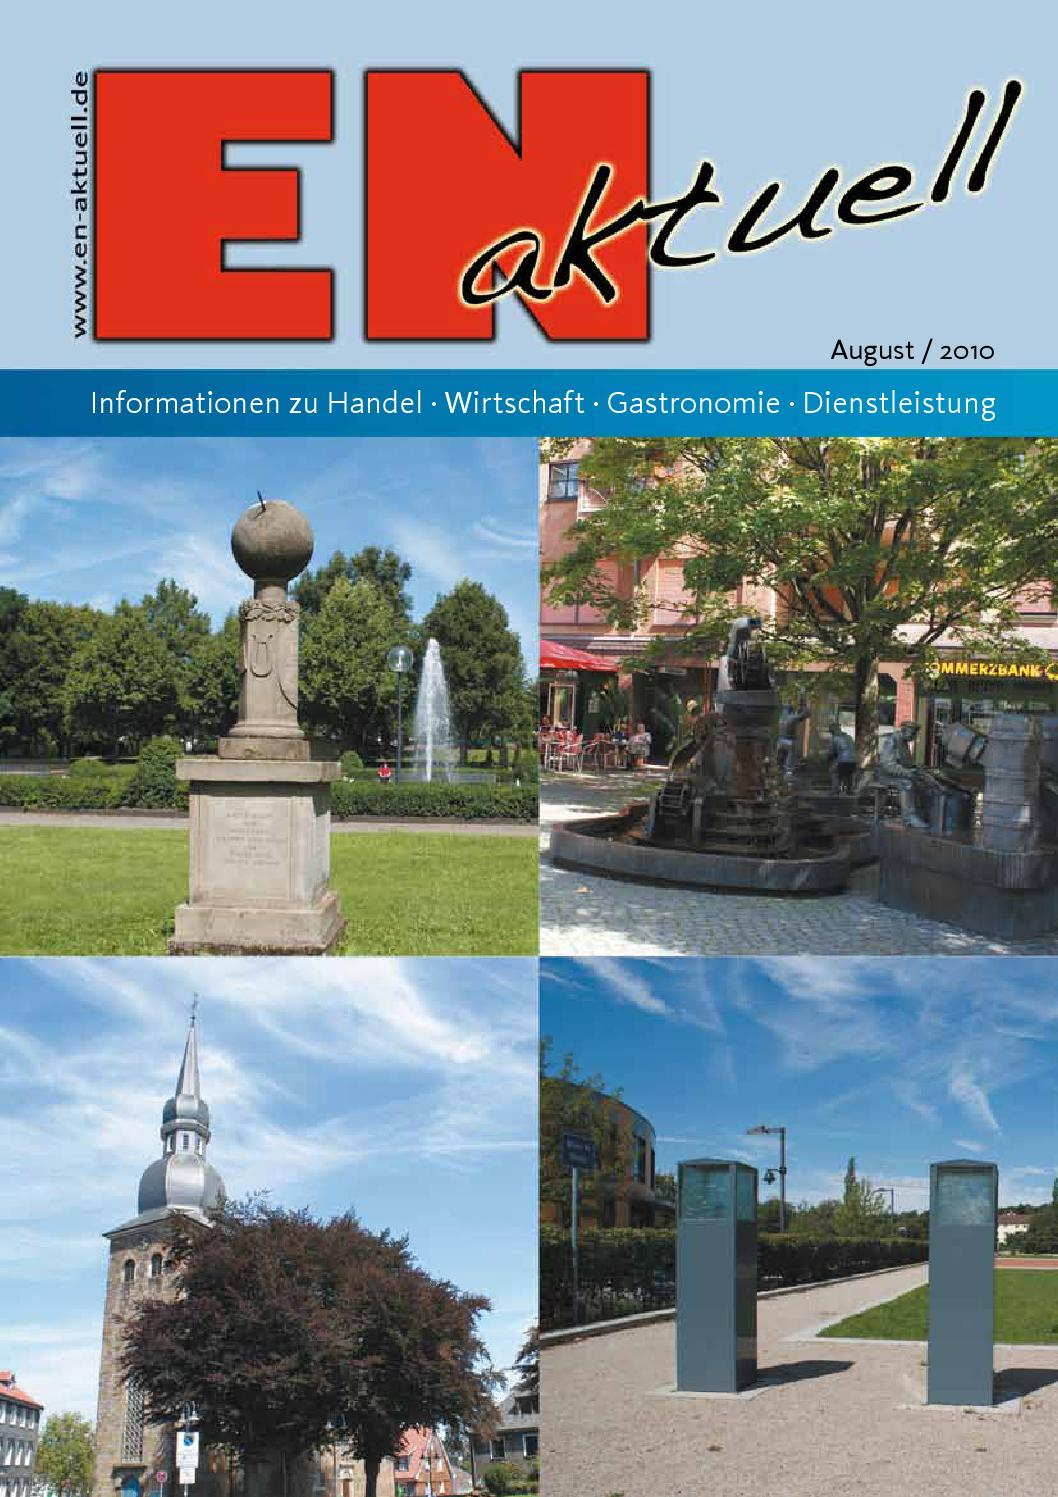 ENaktuell 7 / 2010 by EN-aktuell - issuu